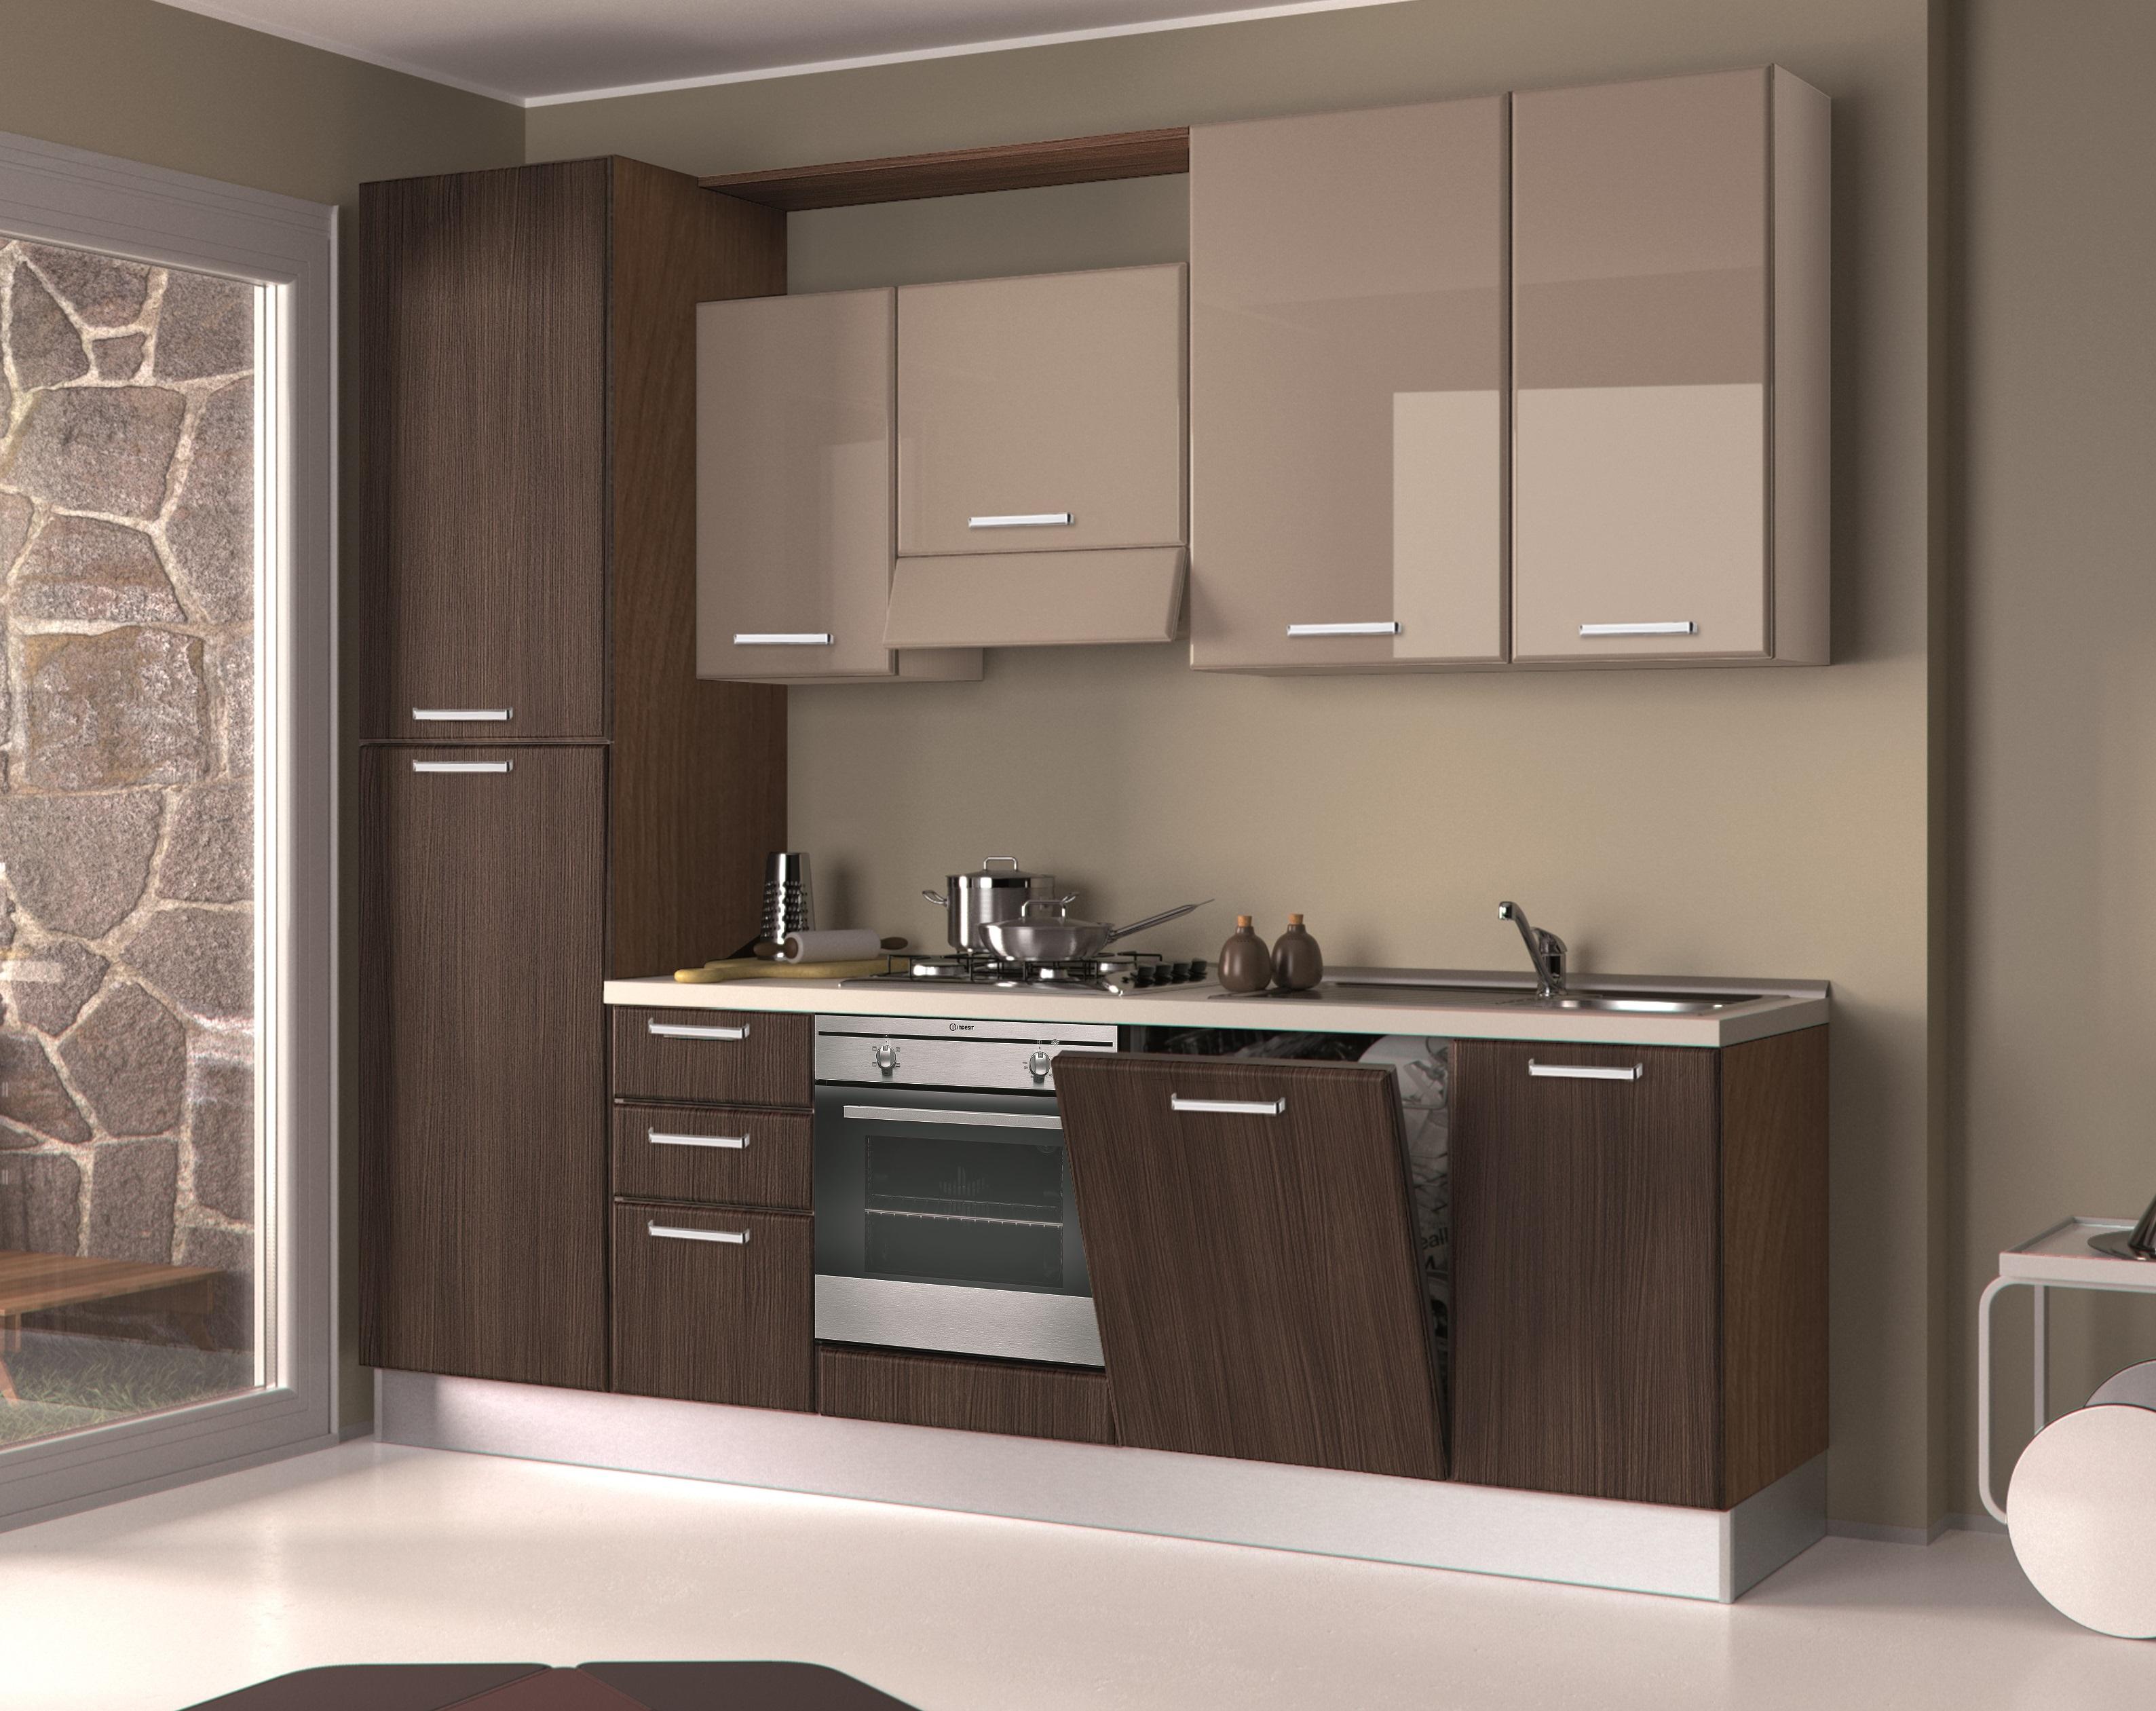 Promo 106l arredamenti centro cucine battistelli eric for Discount arredamenti